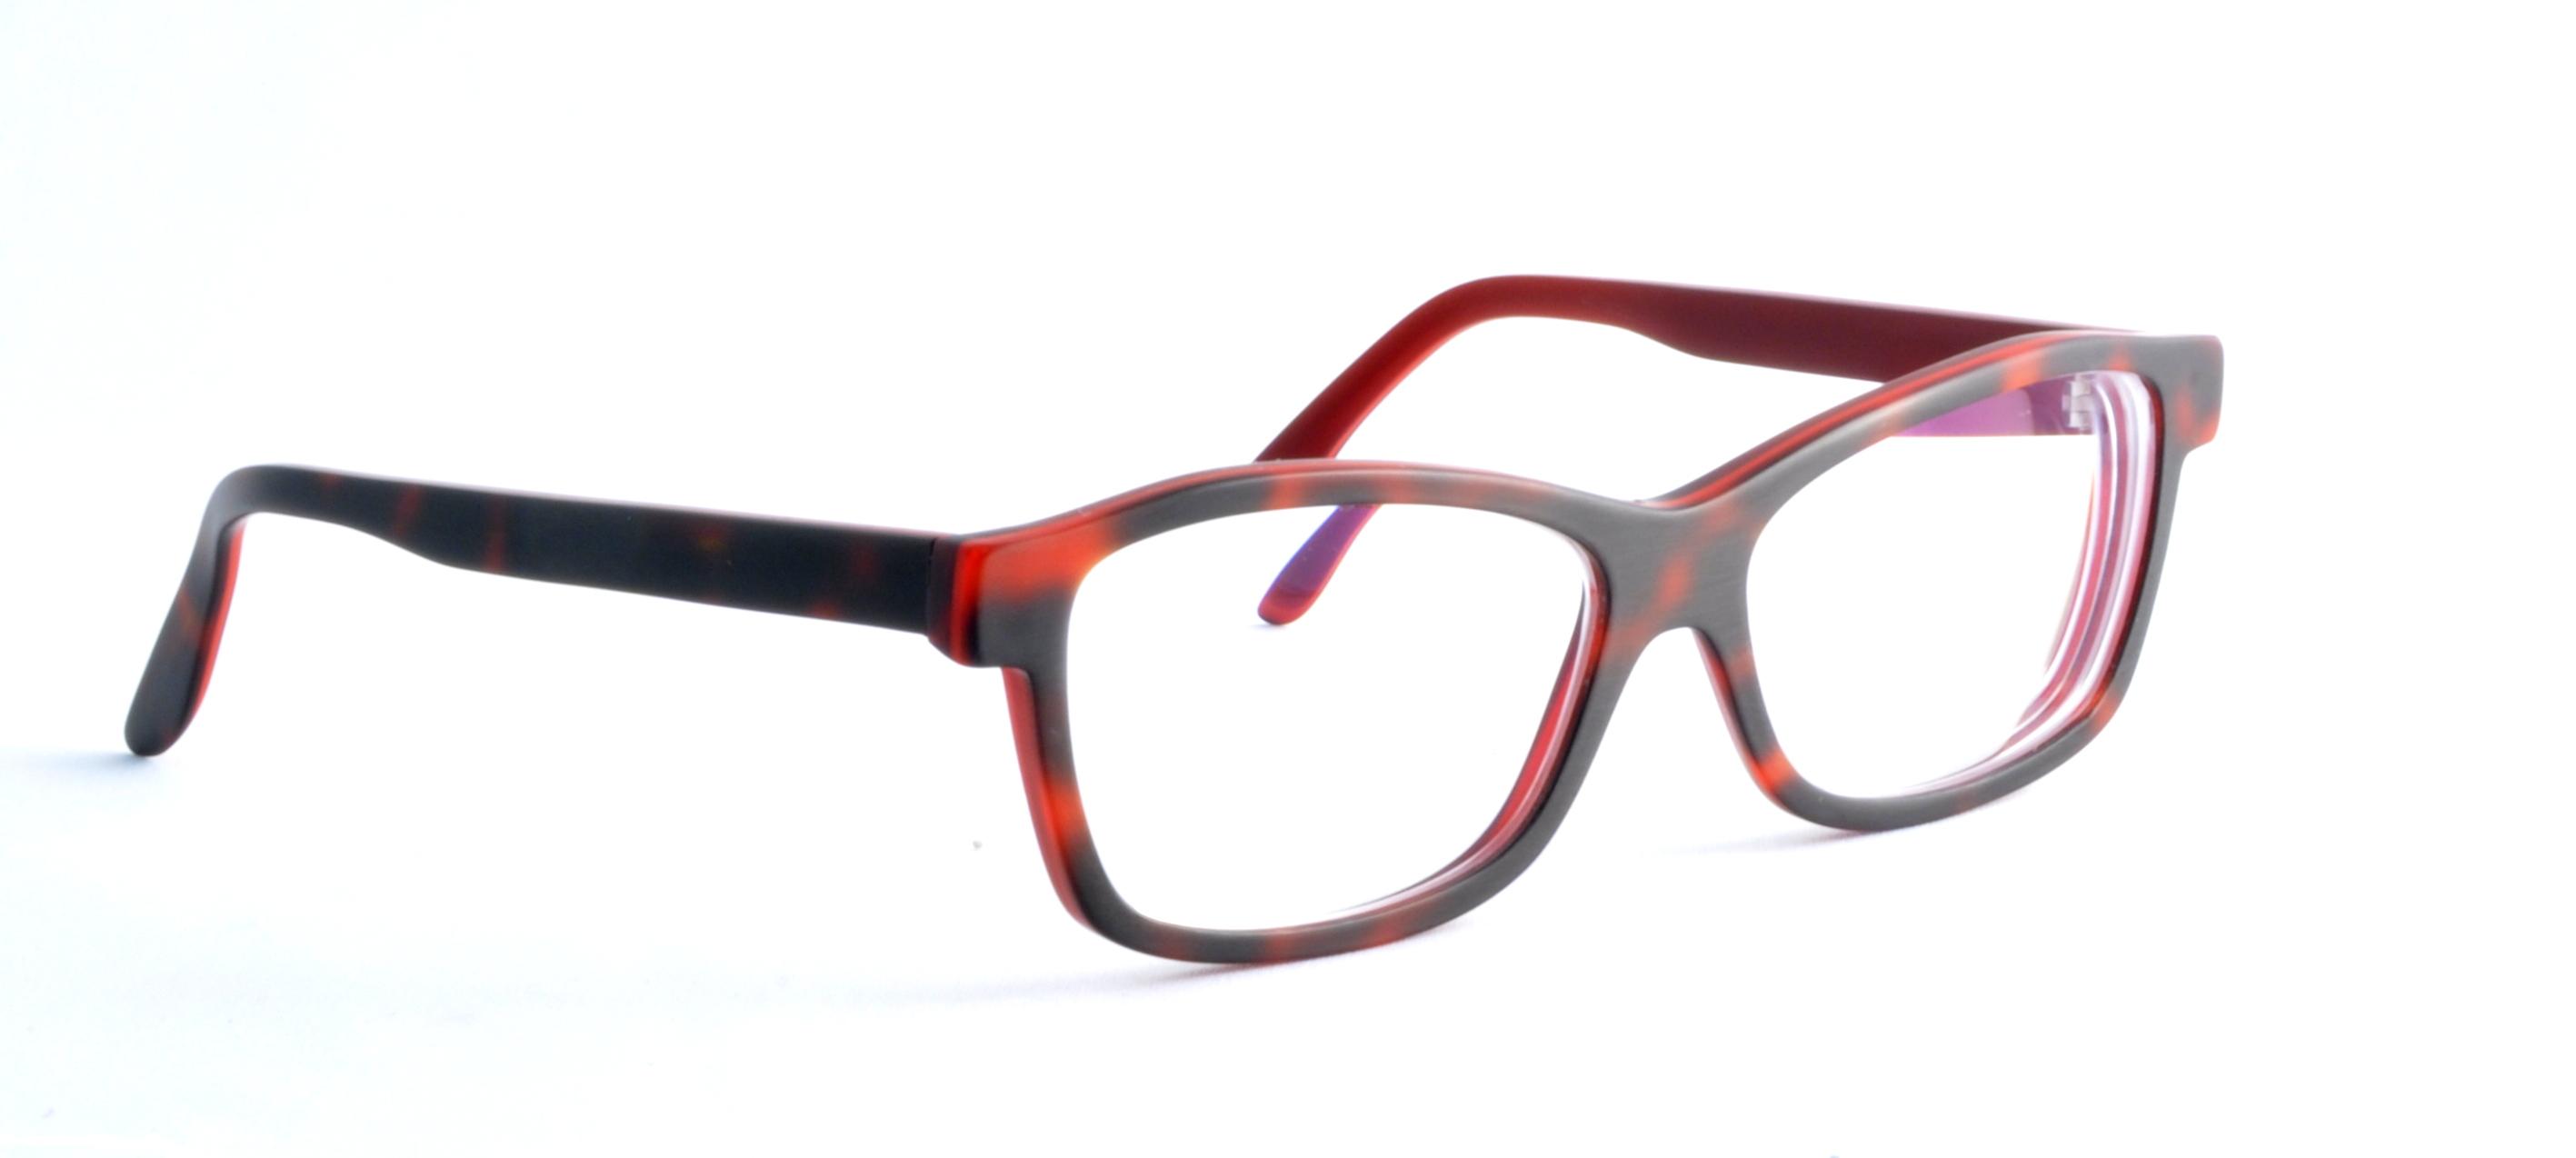 Acetatbrille für Frau Schmidt